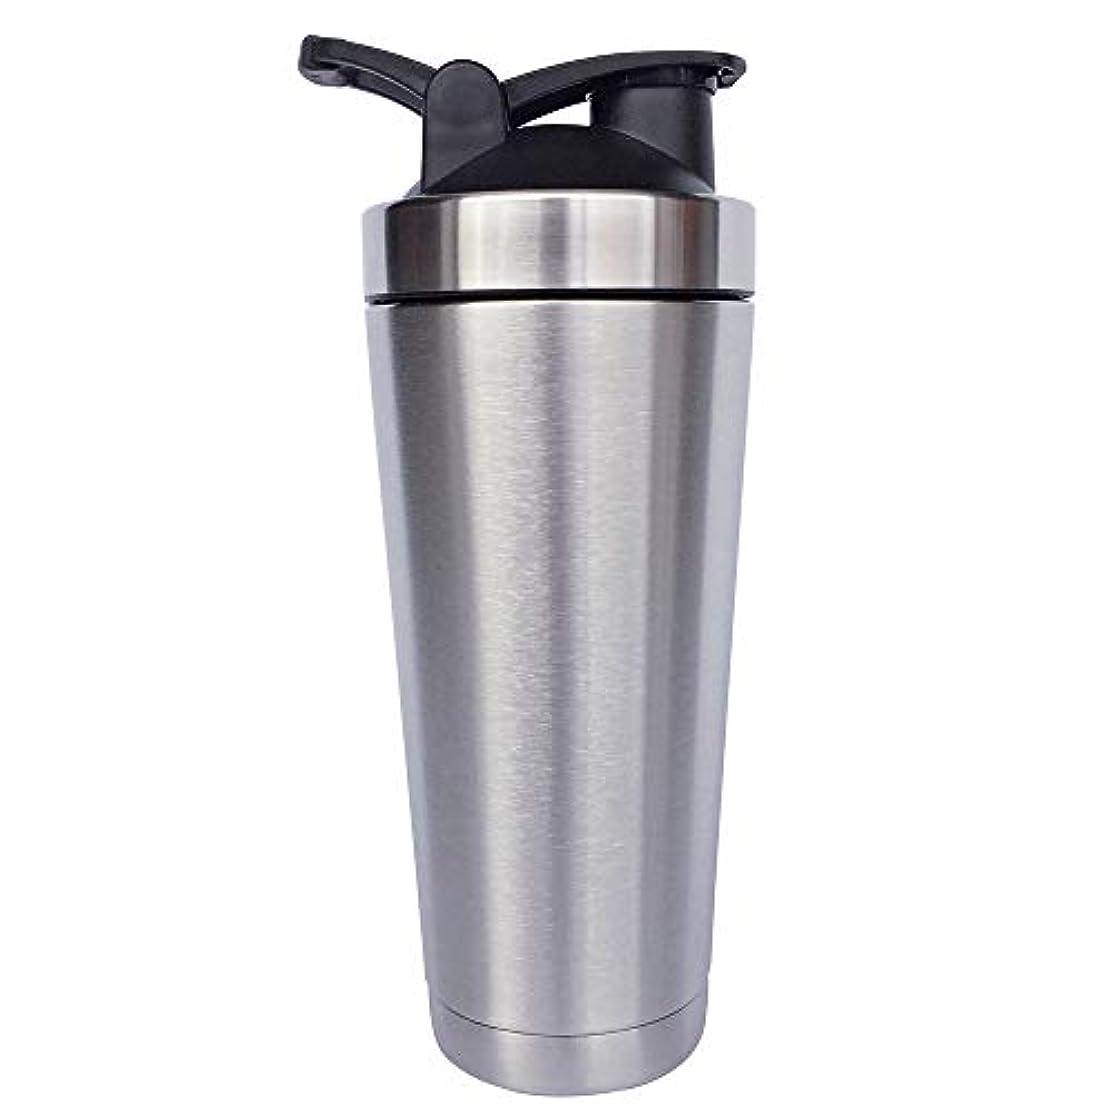 サロンセイはさておき船尾シェーカーボトル-二重壁ステンレス鋼 & 真空断熱-時間のためのホットまたはコールドドリンクをキープ-臭気耐性抗菌汗プルーフ-環境にやさしい無毒 (銀),720ml